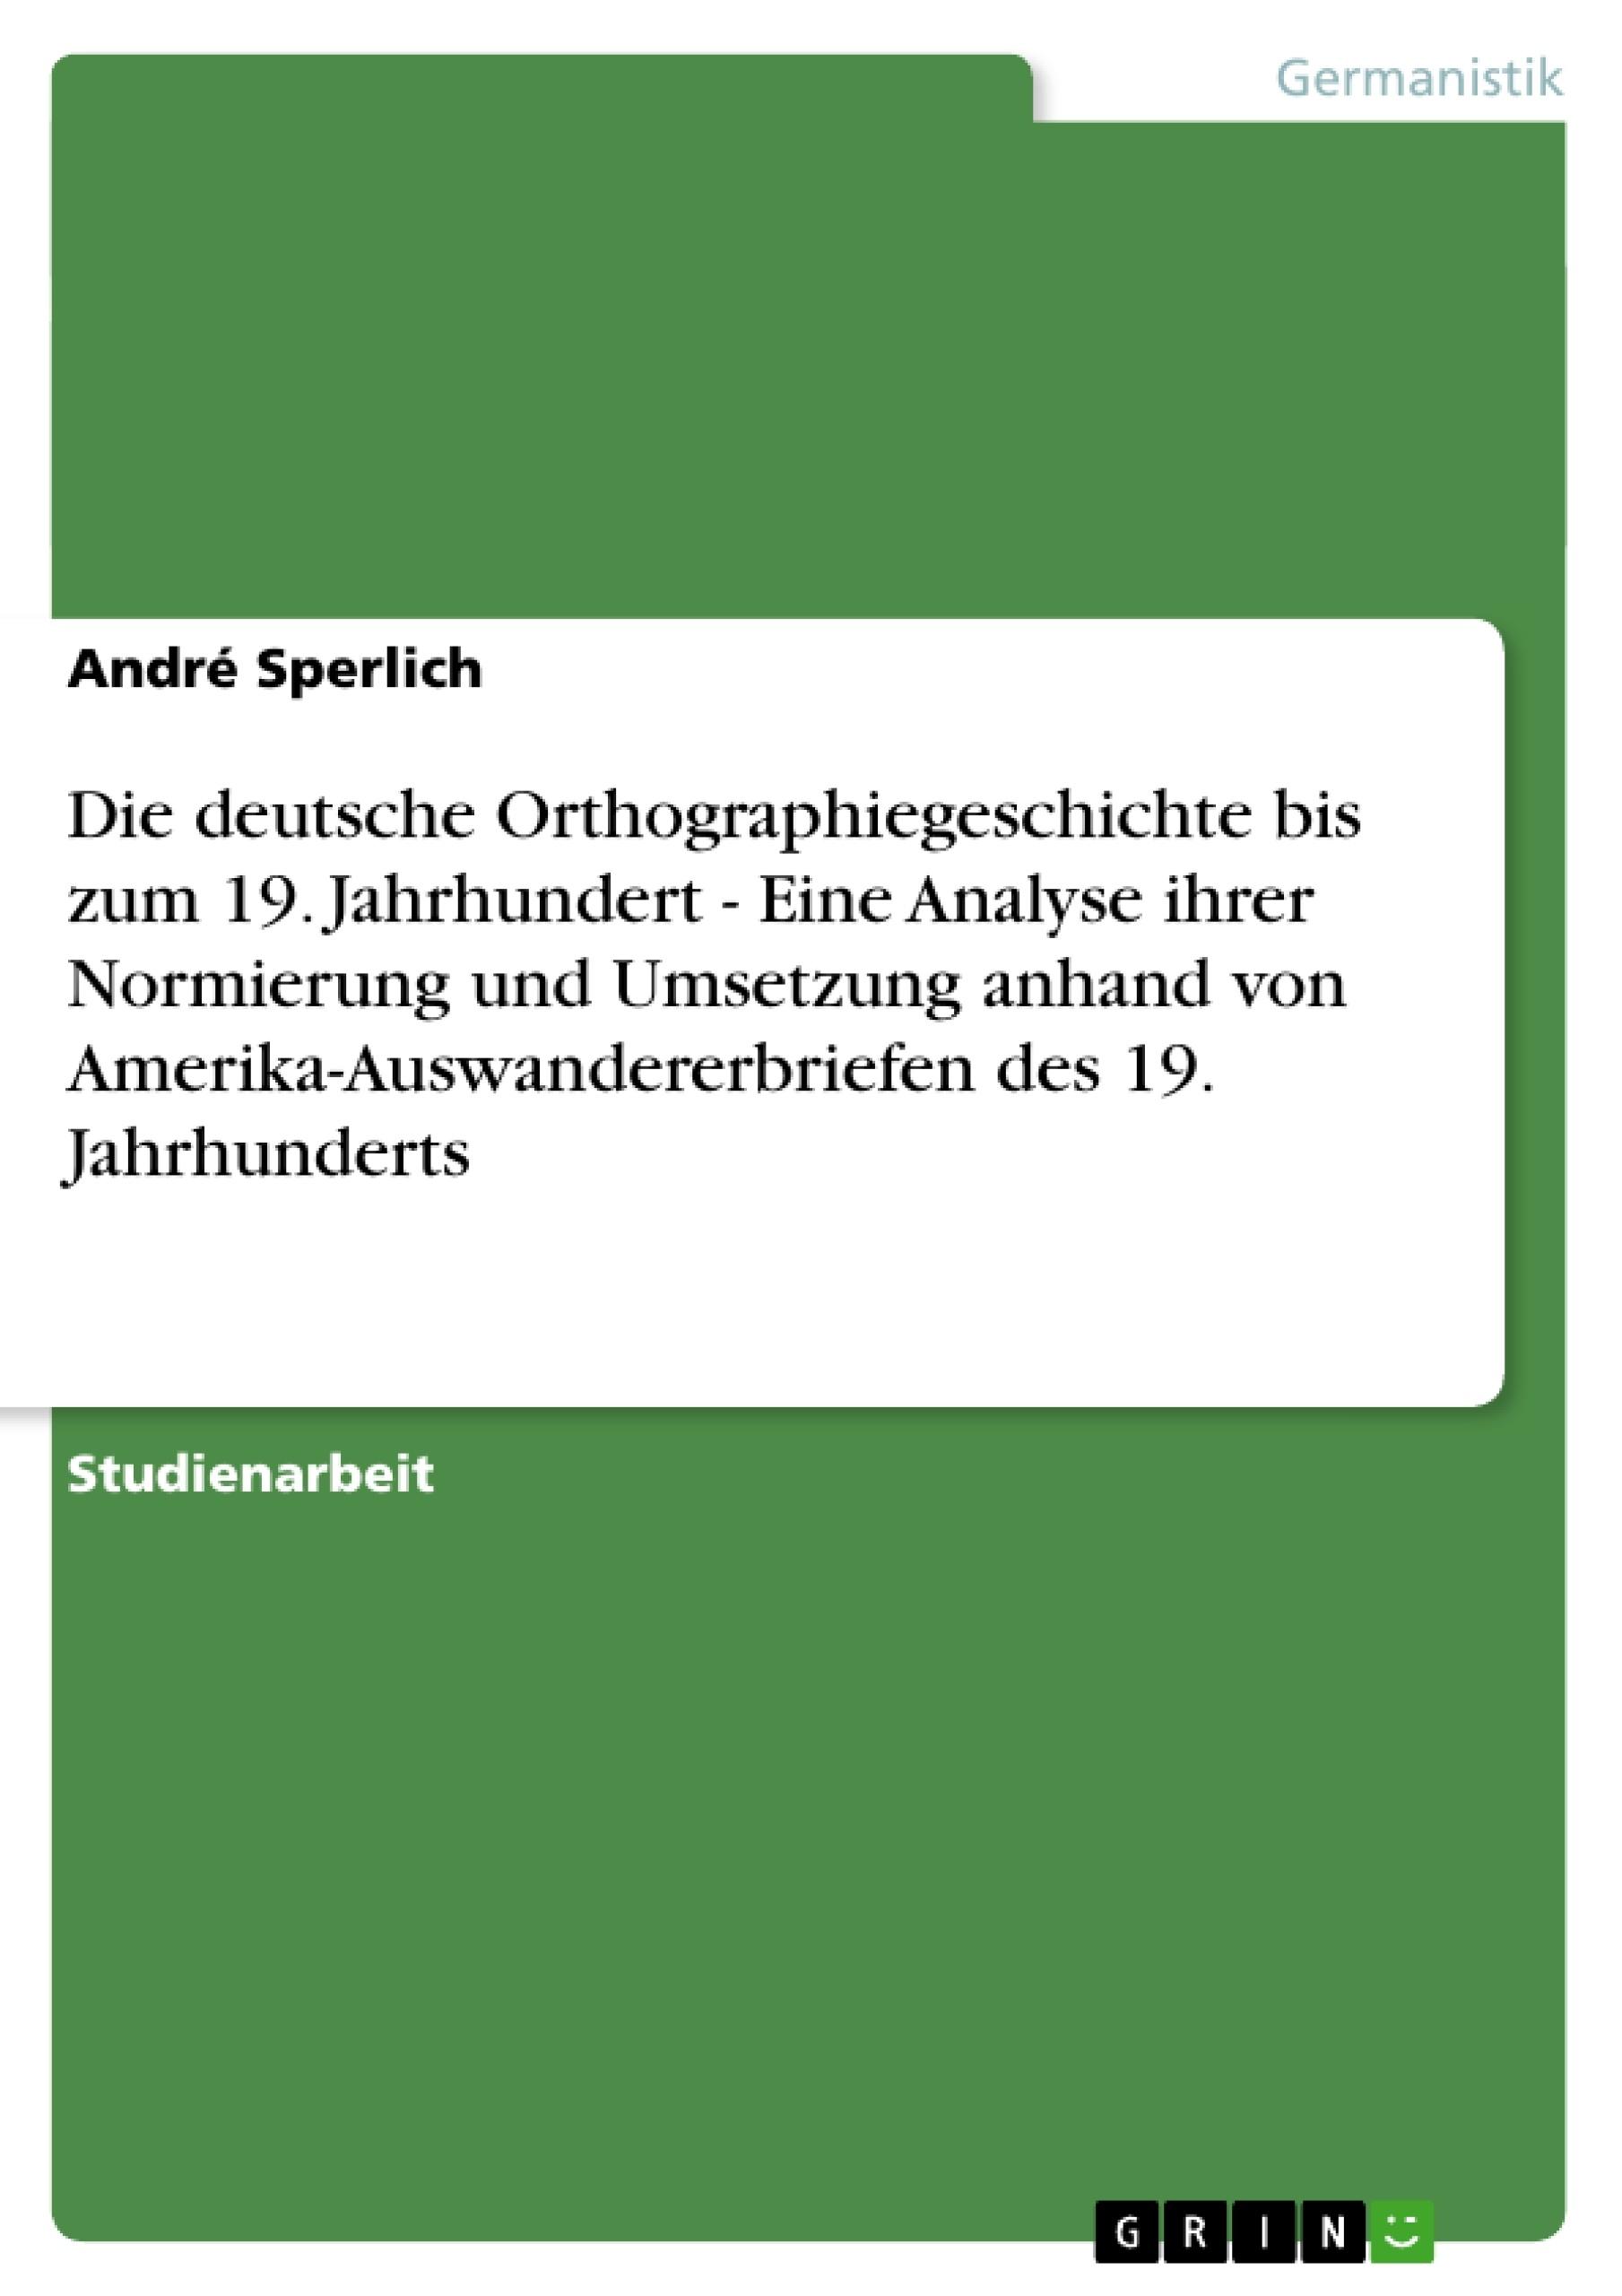 Titel: Die deutsche Orthographiegeschichte bis zum 19. Jahrhundert - Eine Analyse ihrer Normierung und Umsetzung anhand von Amerika-Auswandererbriefen des 19. Jahrhunderts